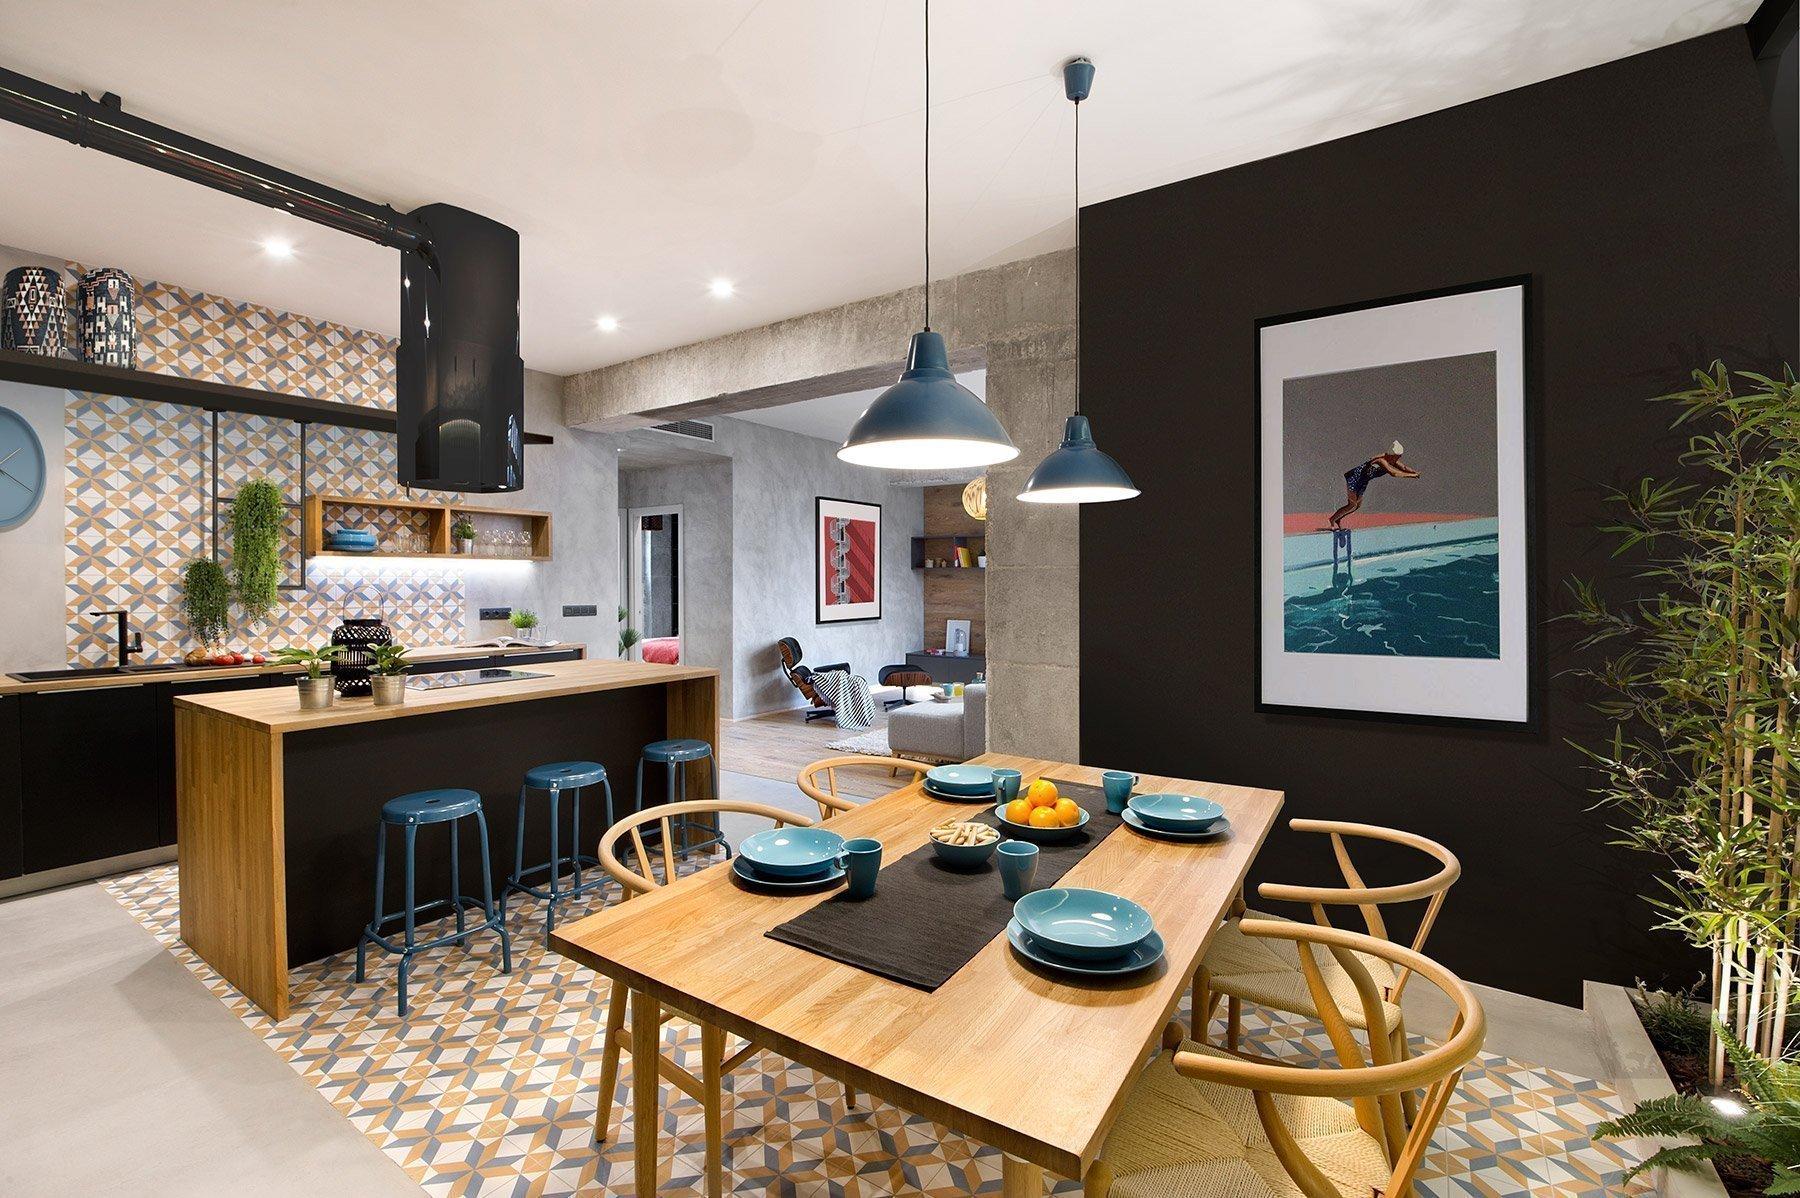 Jednoduché a přesto útulné a praktické bydlení se nachází v samém srdci Barcelony. Městu, které je známé také díky originálním stavbám architekta Antoni Gaudího.